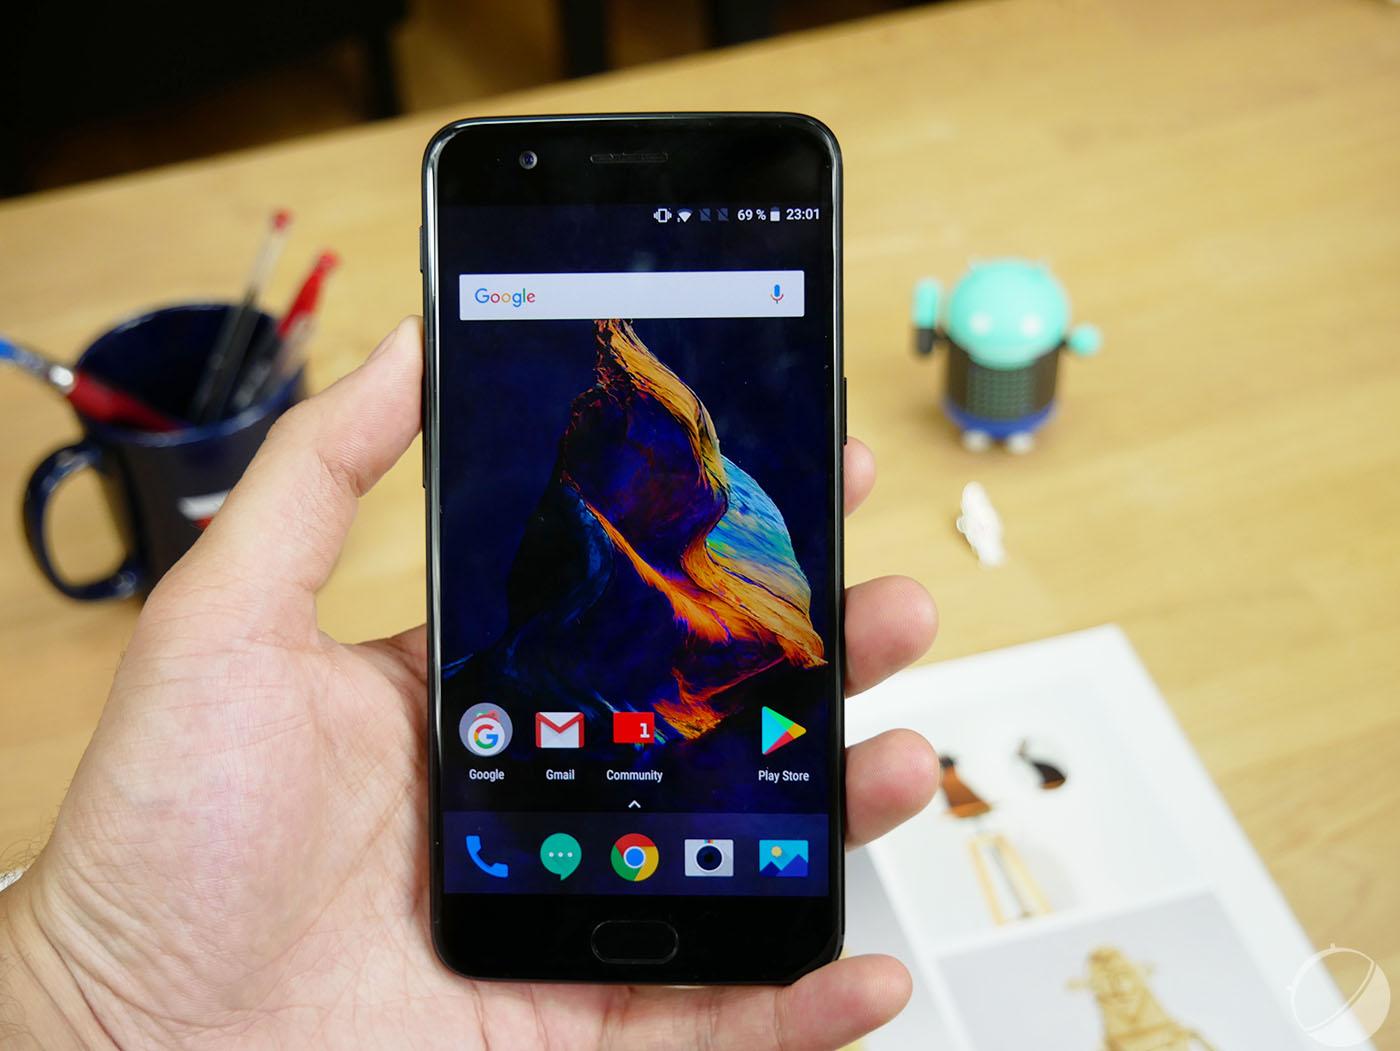 Le OnePlus 5 reçoit enfin Face Unlock dans sa version finale